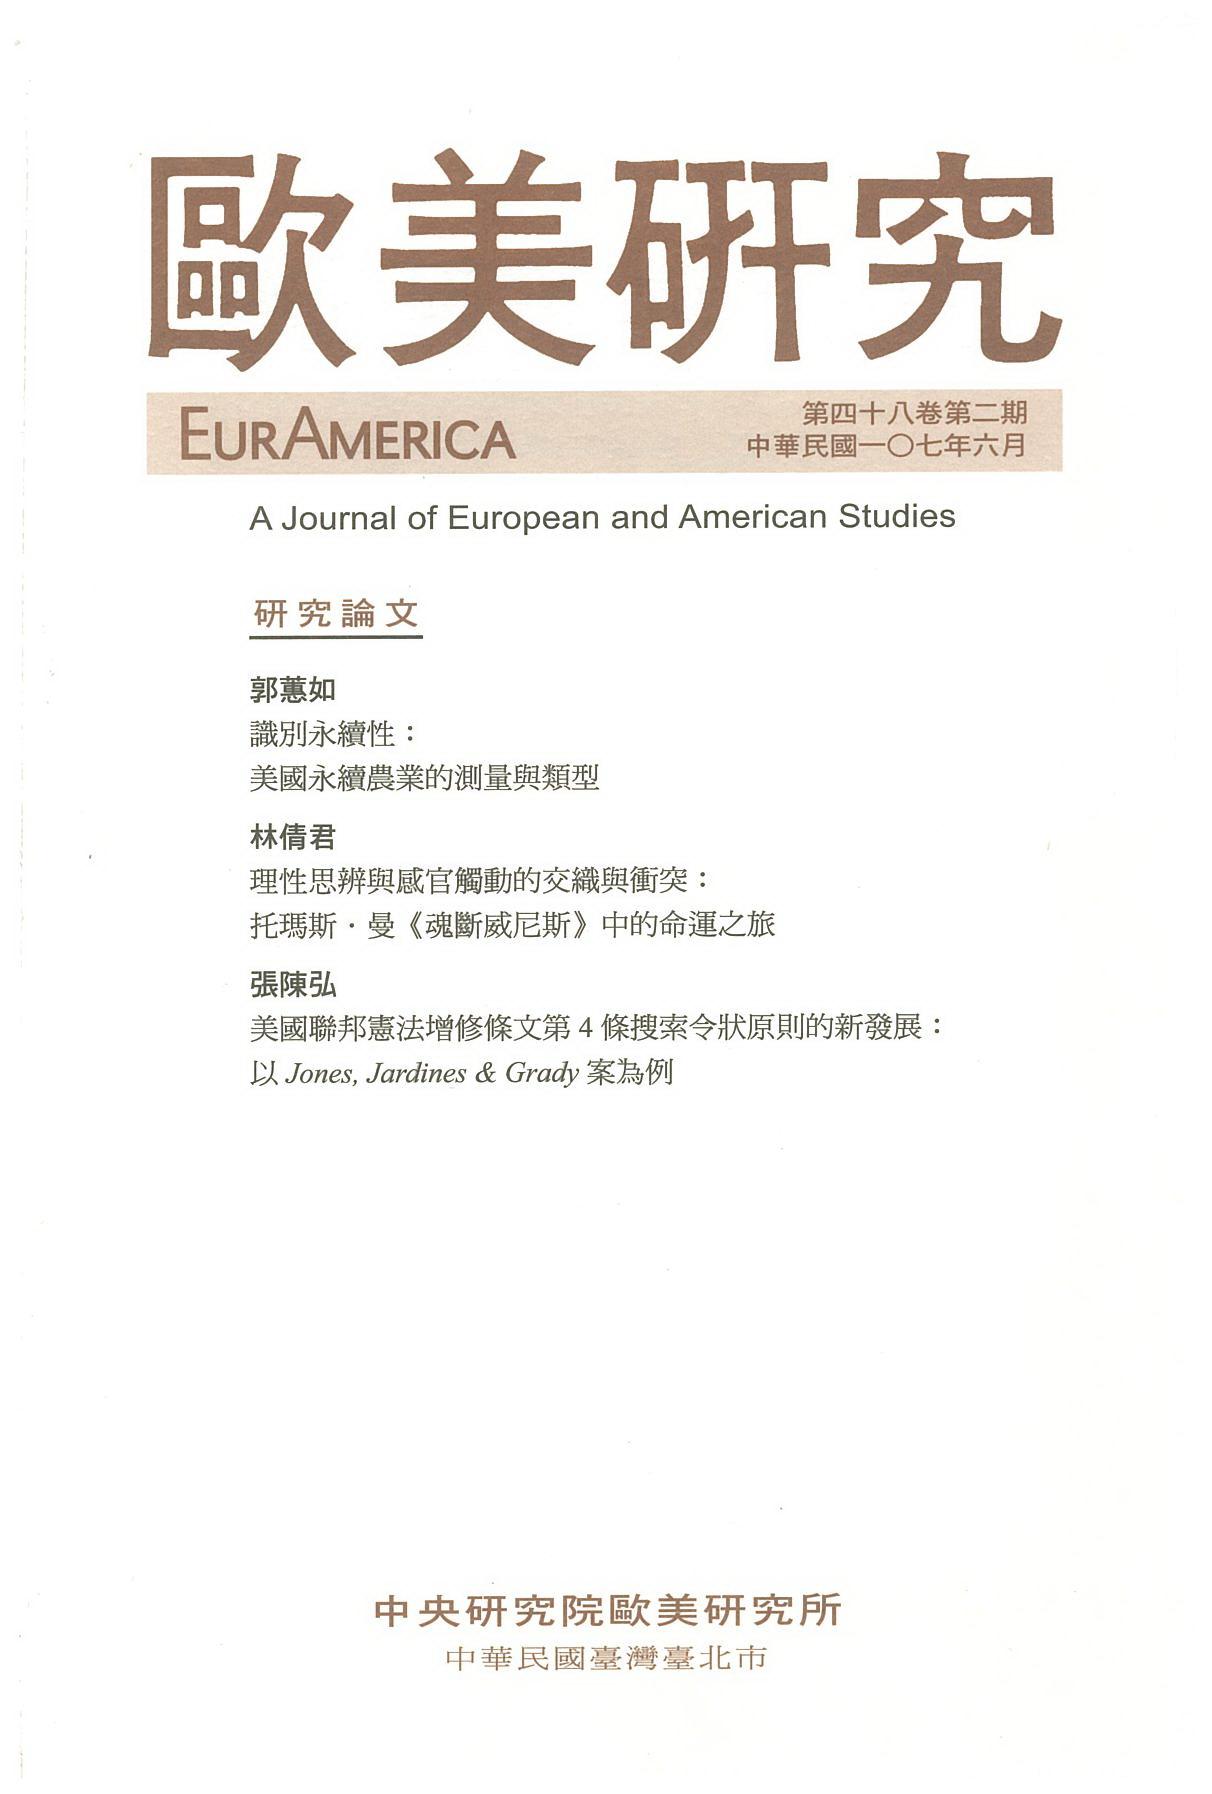 學術活動-《歐美研究》48卷2期業已出刊(中文)_封面